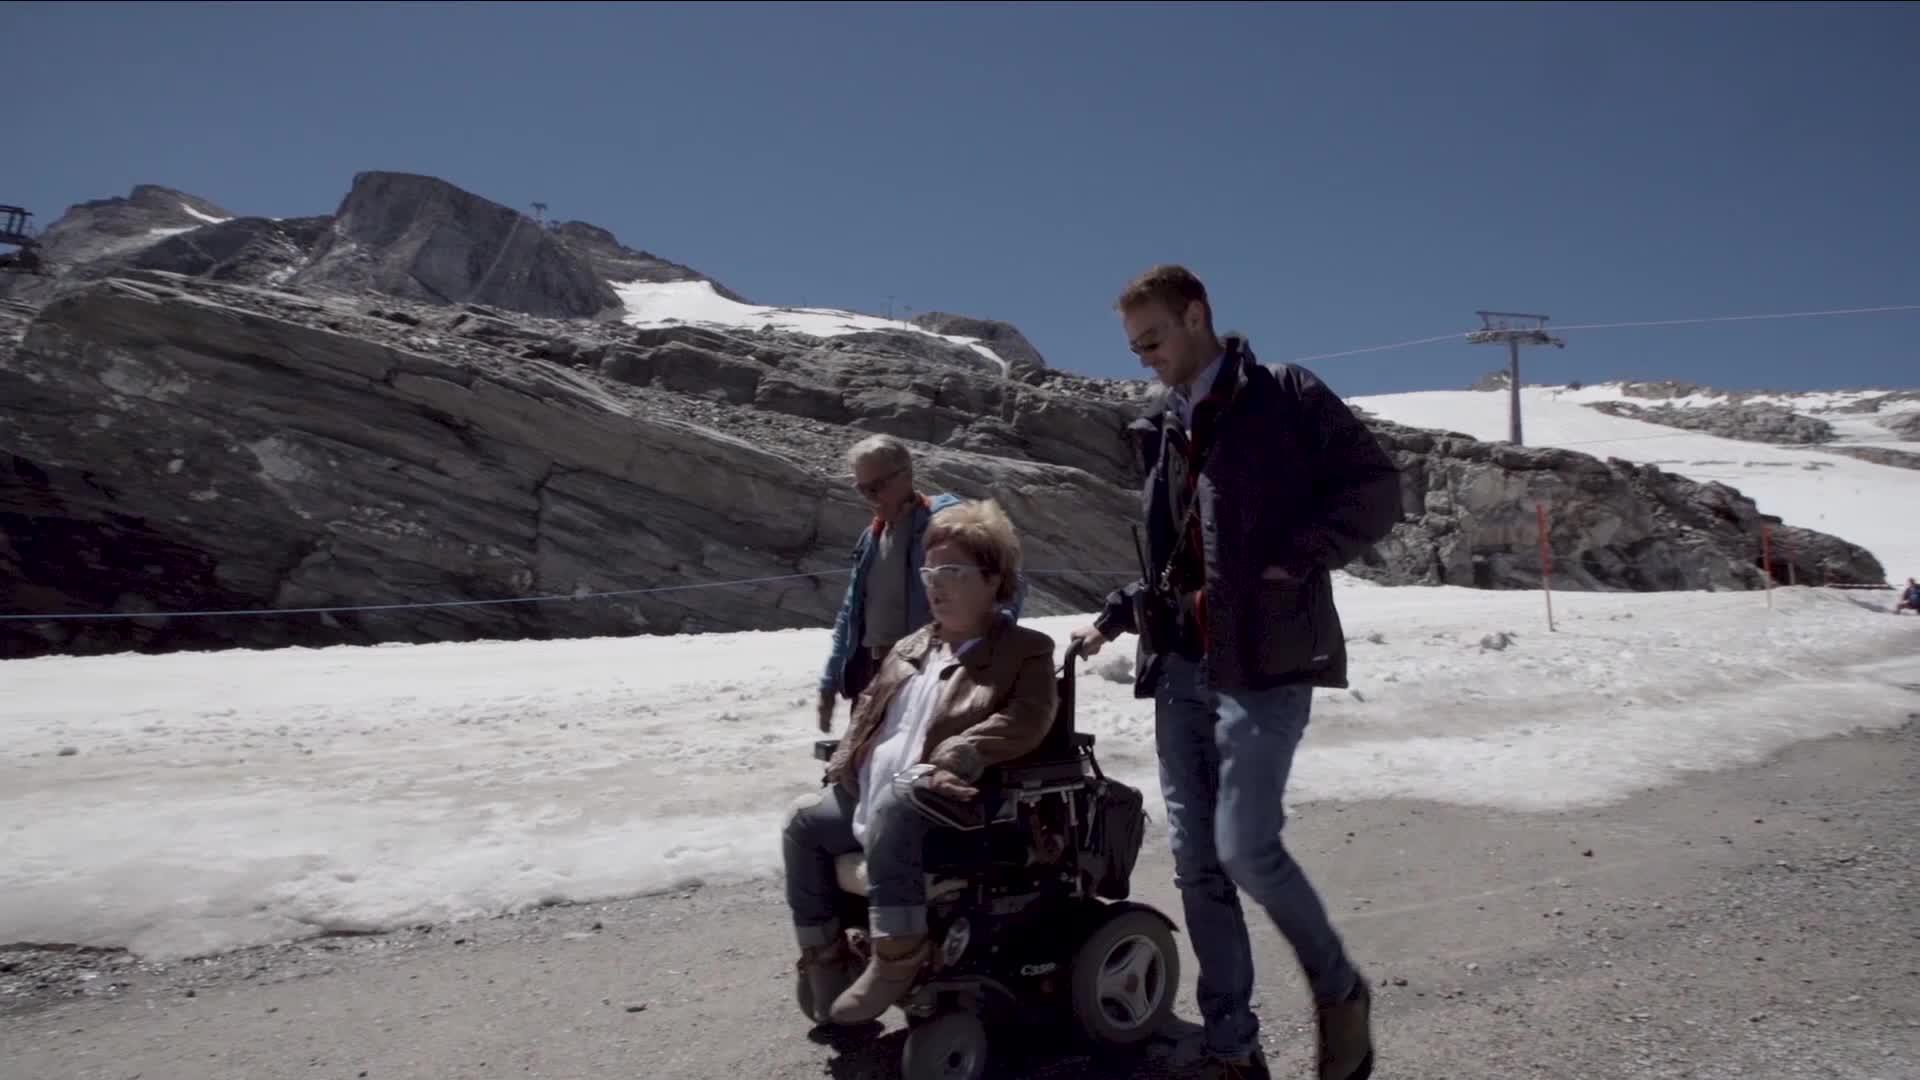 Gipfeltreffen am Hintertuxer Gletscher - Marianne Hengl & Peter Habeler